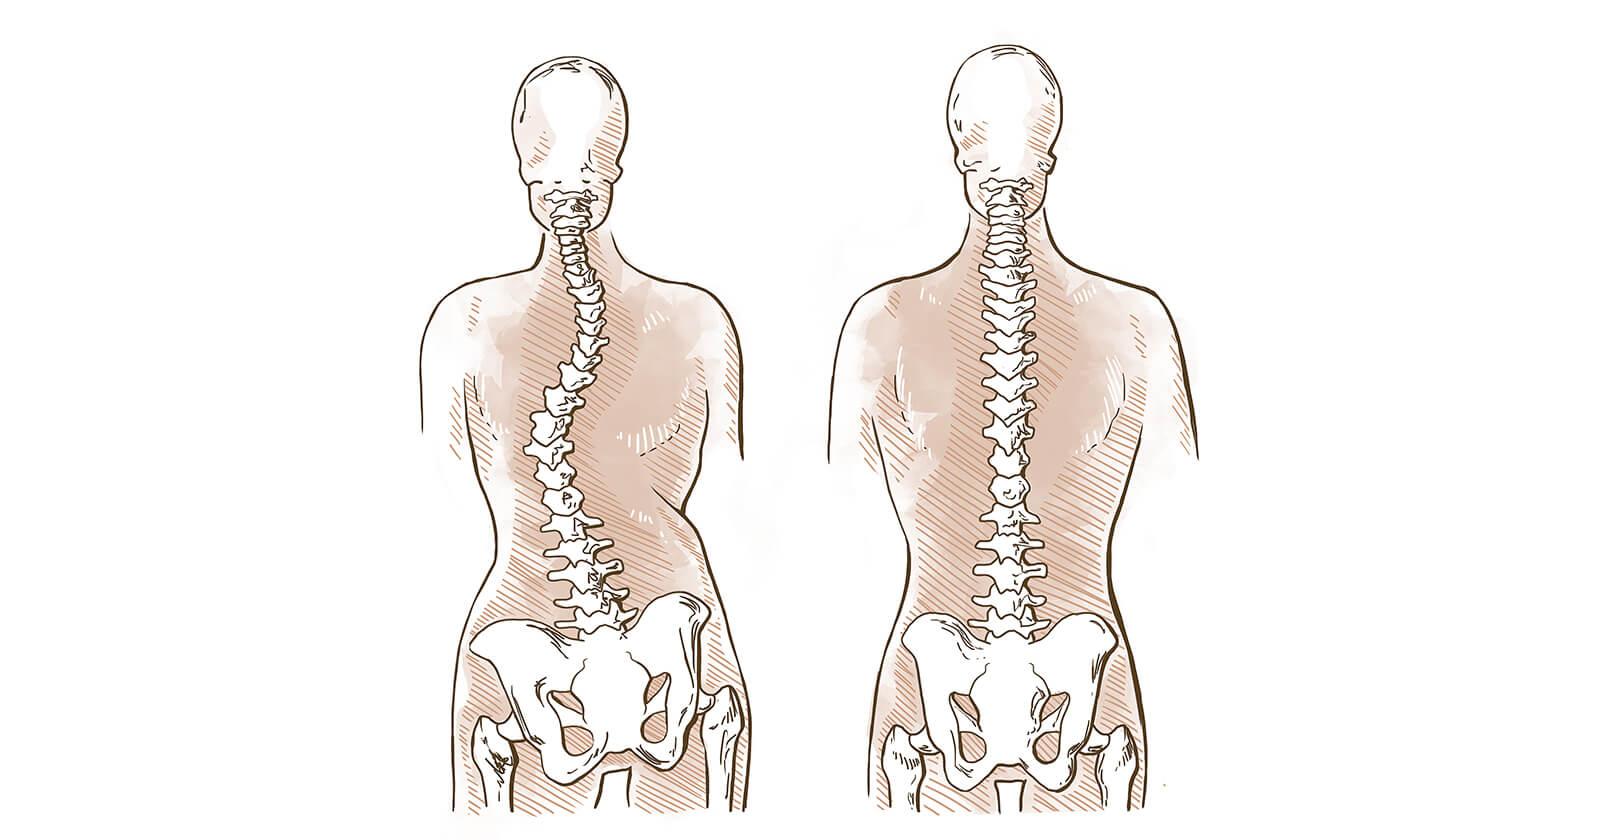 Gegenüberstellung einer gesunden Wirbelsäule und einer Wirbelsäule mit Skoliose